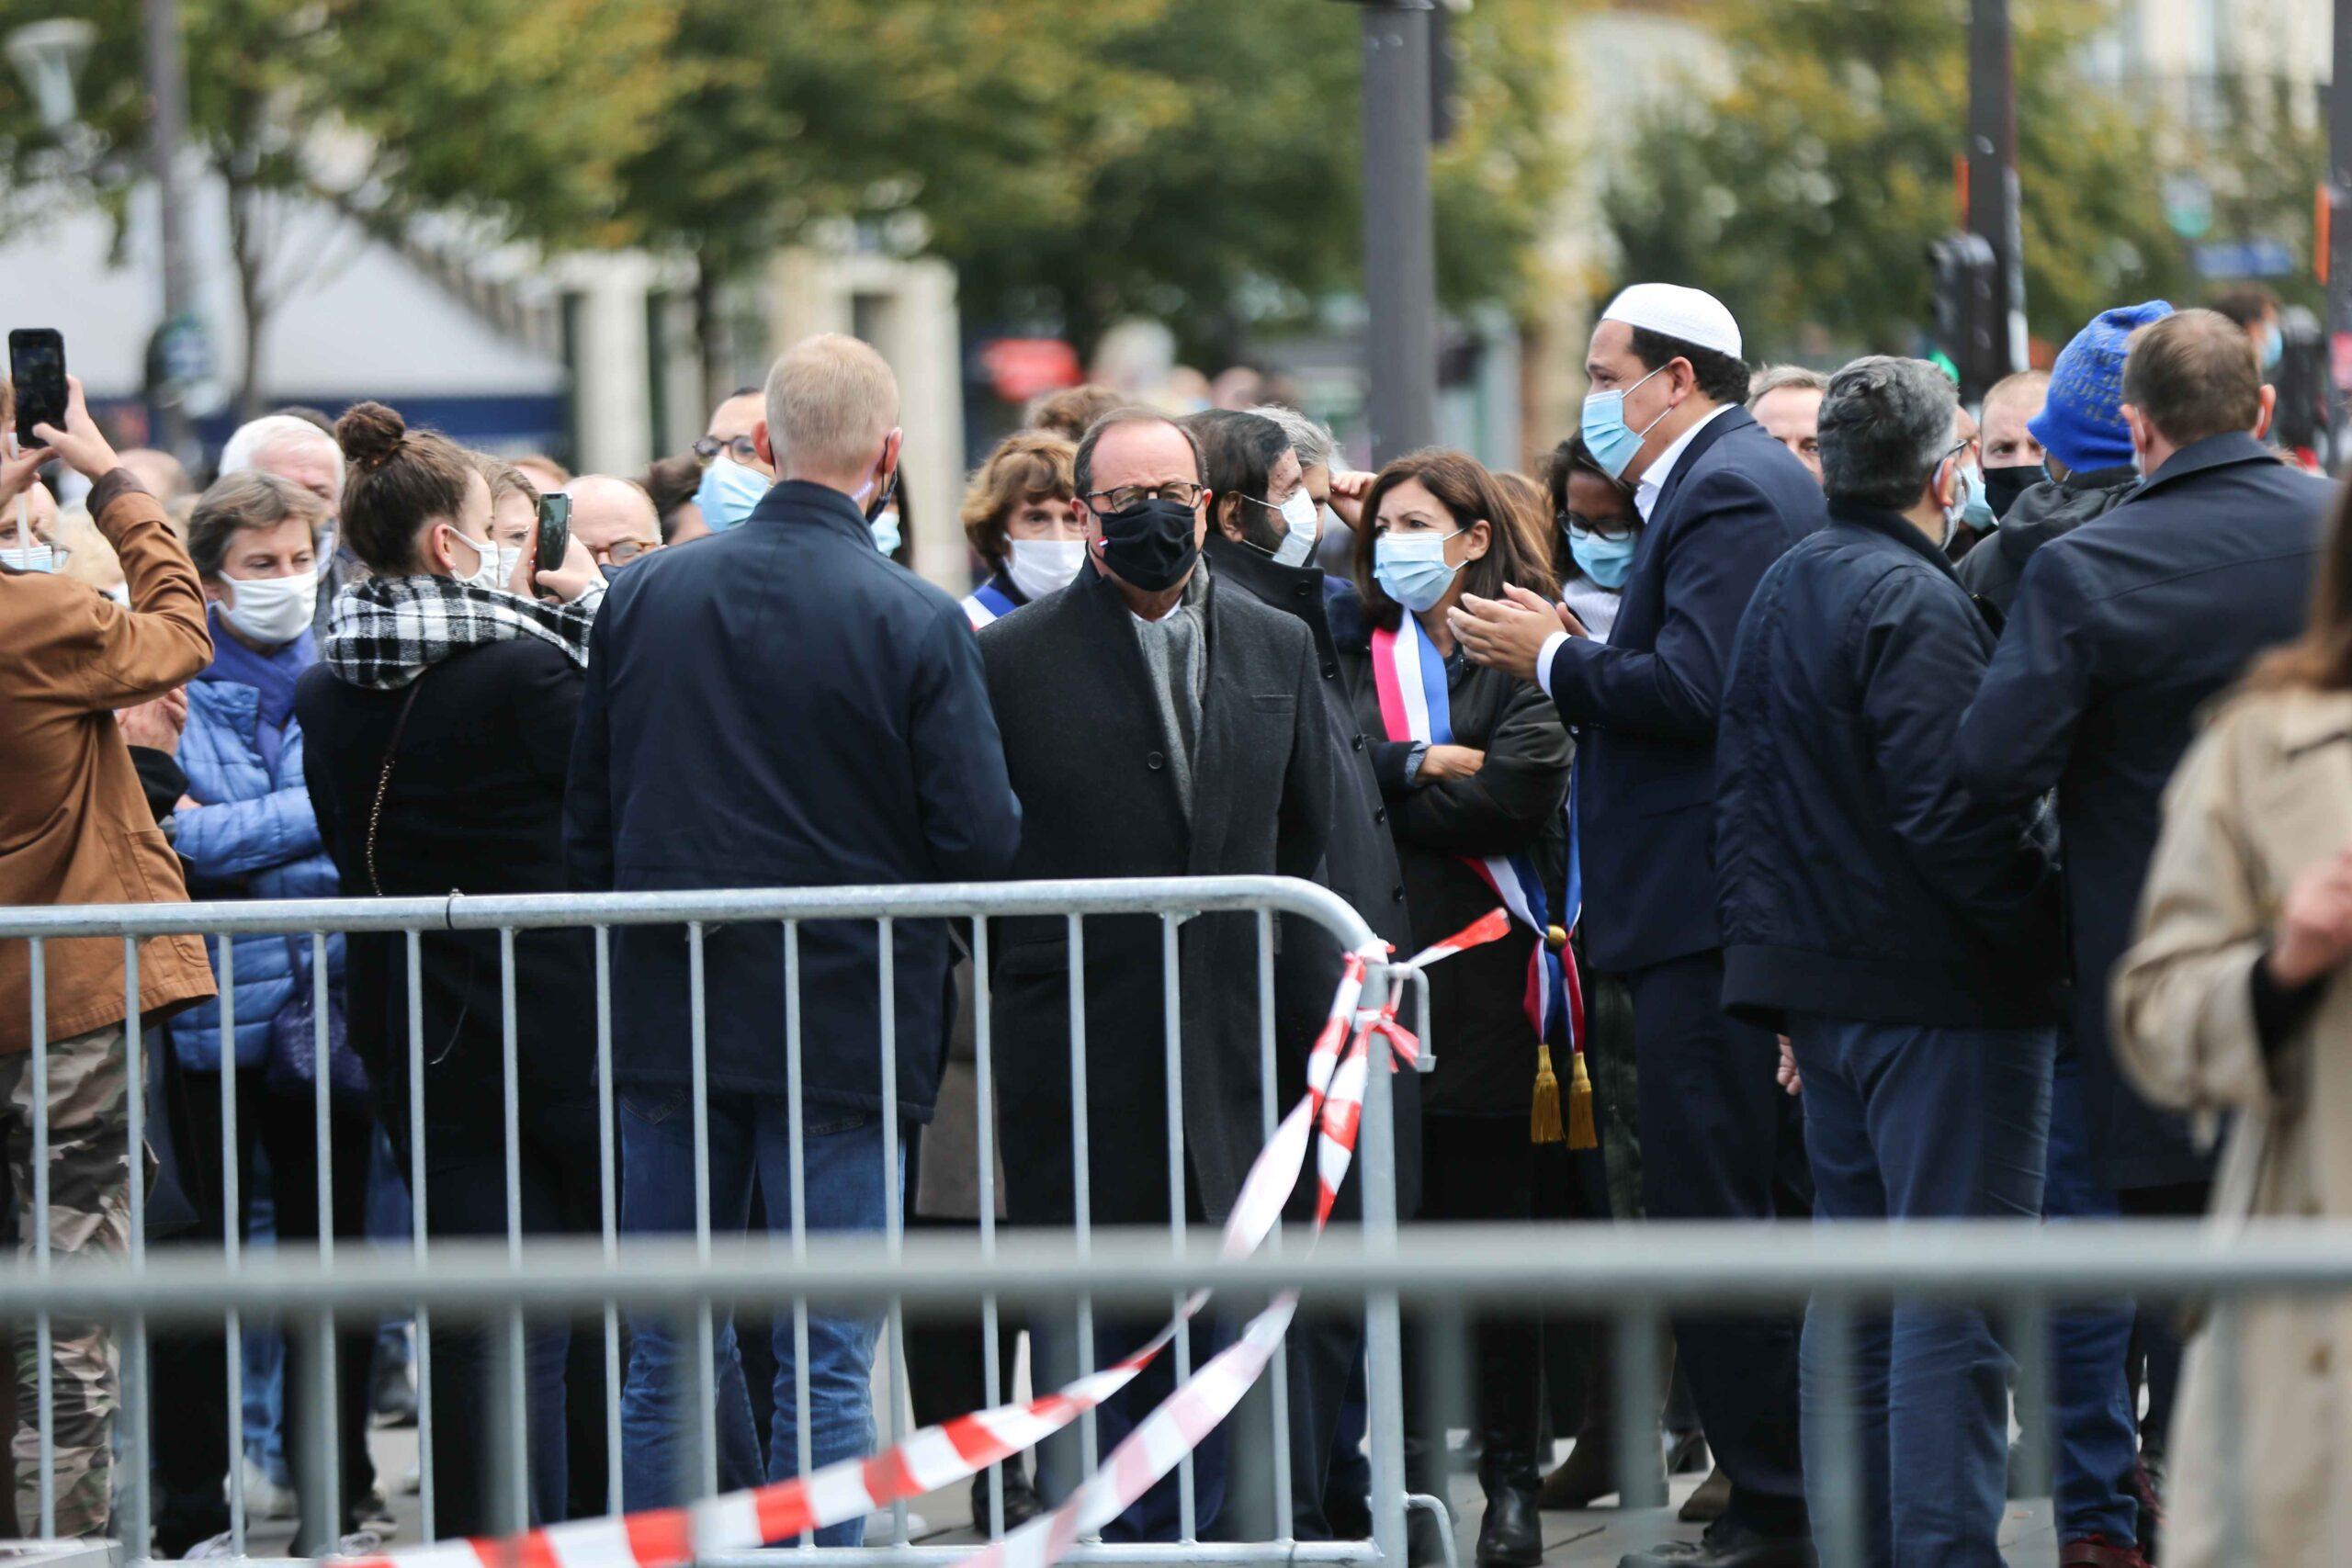 L'ancien président, François Hollande, présent dans le rassemblement. © Michel Stoupak. Dim 18.10.2020, 14h18m56.